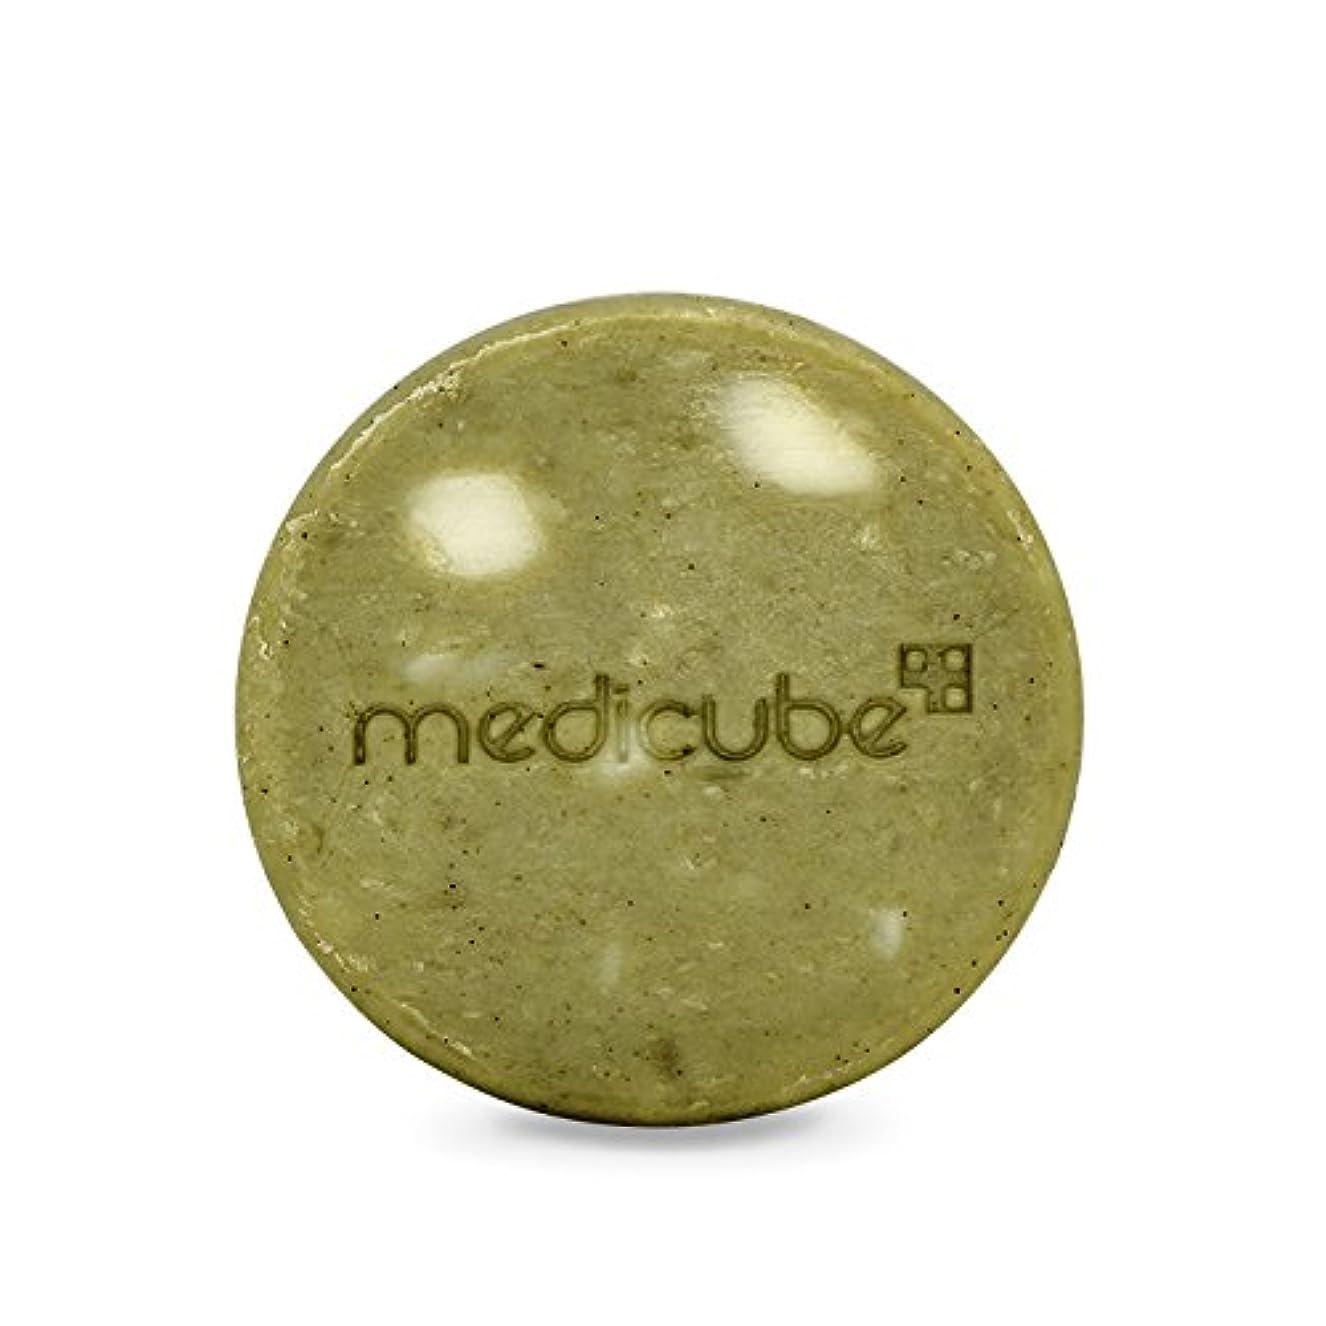 耐えられる住所ムス[Medicube]Red Body Bar / メディキューブレッドボディバー / 正品?海外直送商品 [並行輸入品]